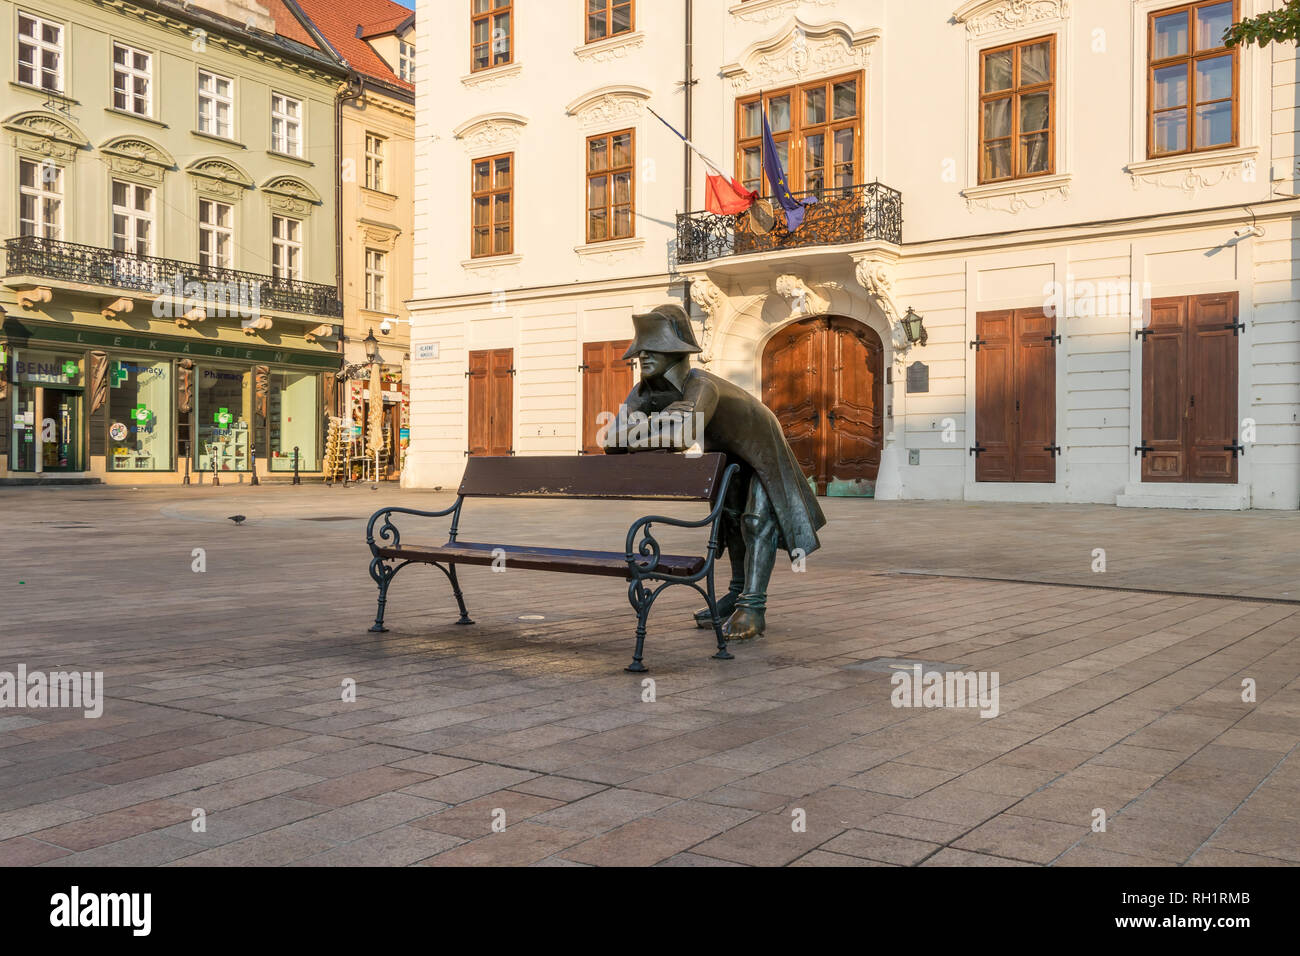 Estatua de bronce de Napoleón en frente de la Embajada de Francia en la plaza principal de Bratislava. Foto de stock